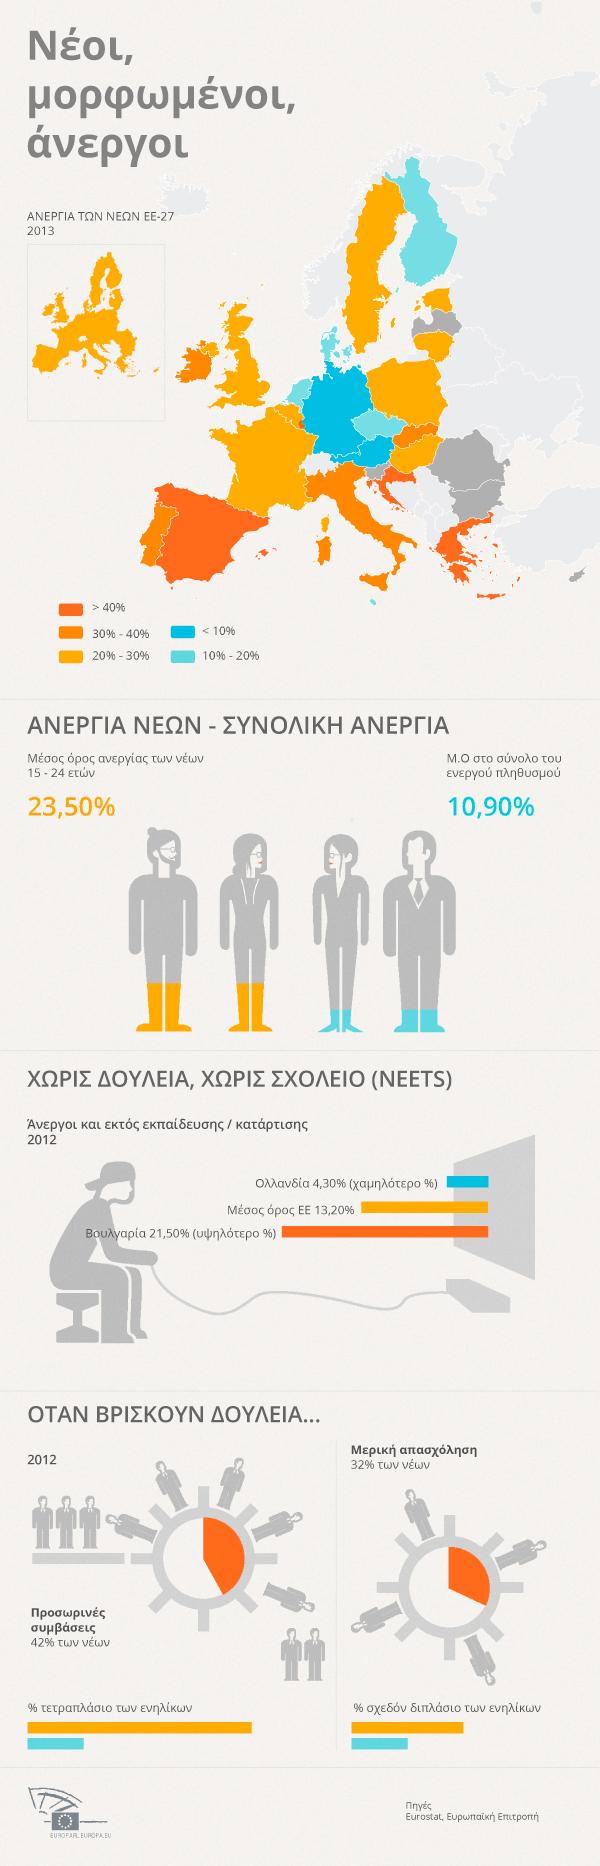 Γράφημα για την ανεργία των νέων στην Ευρώπη σήμερα